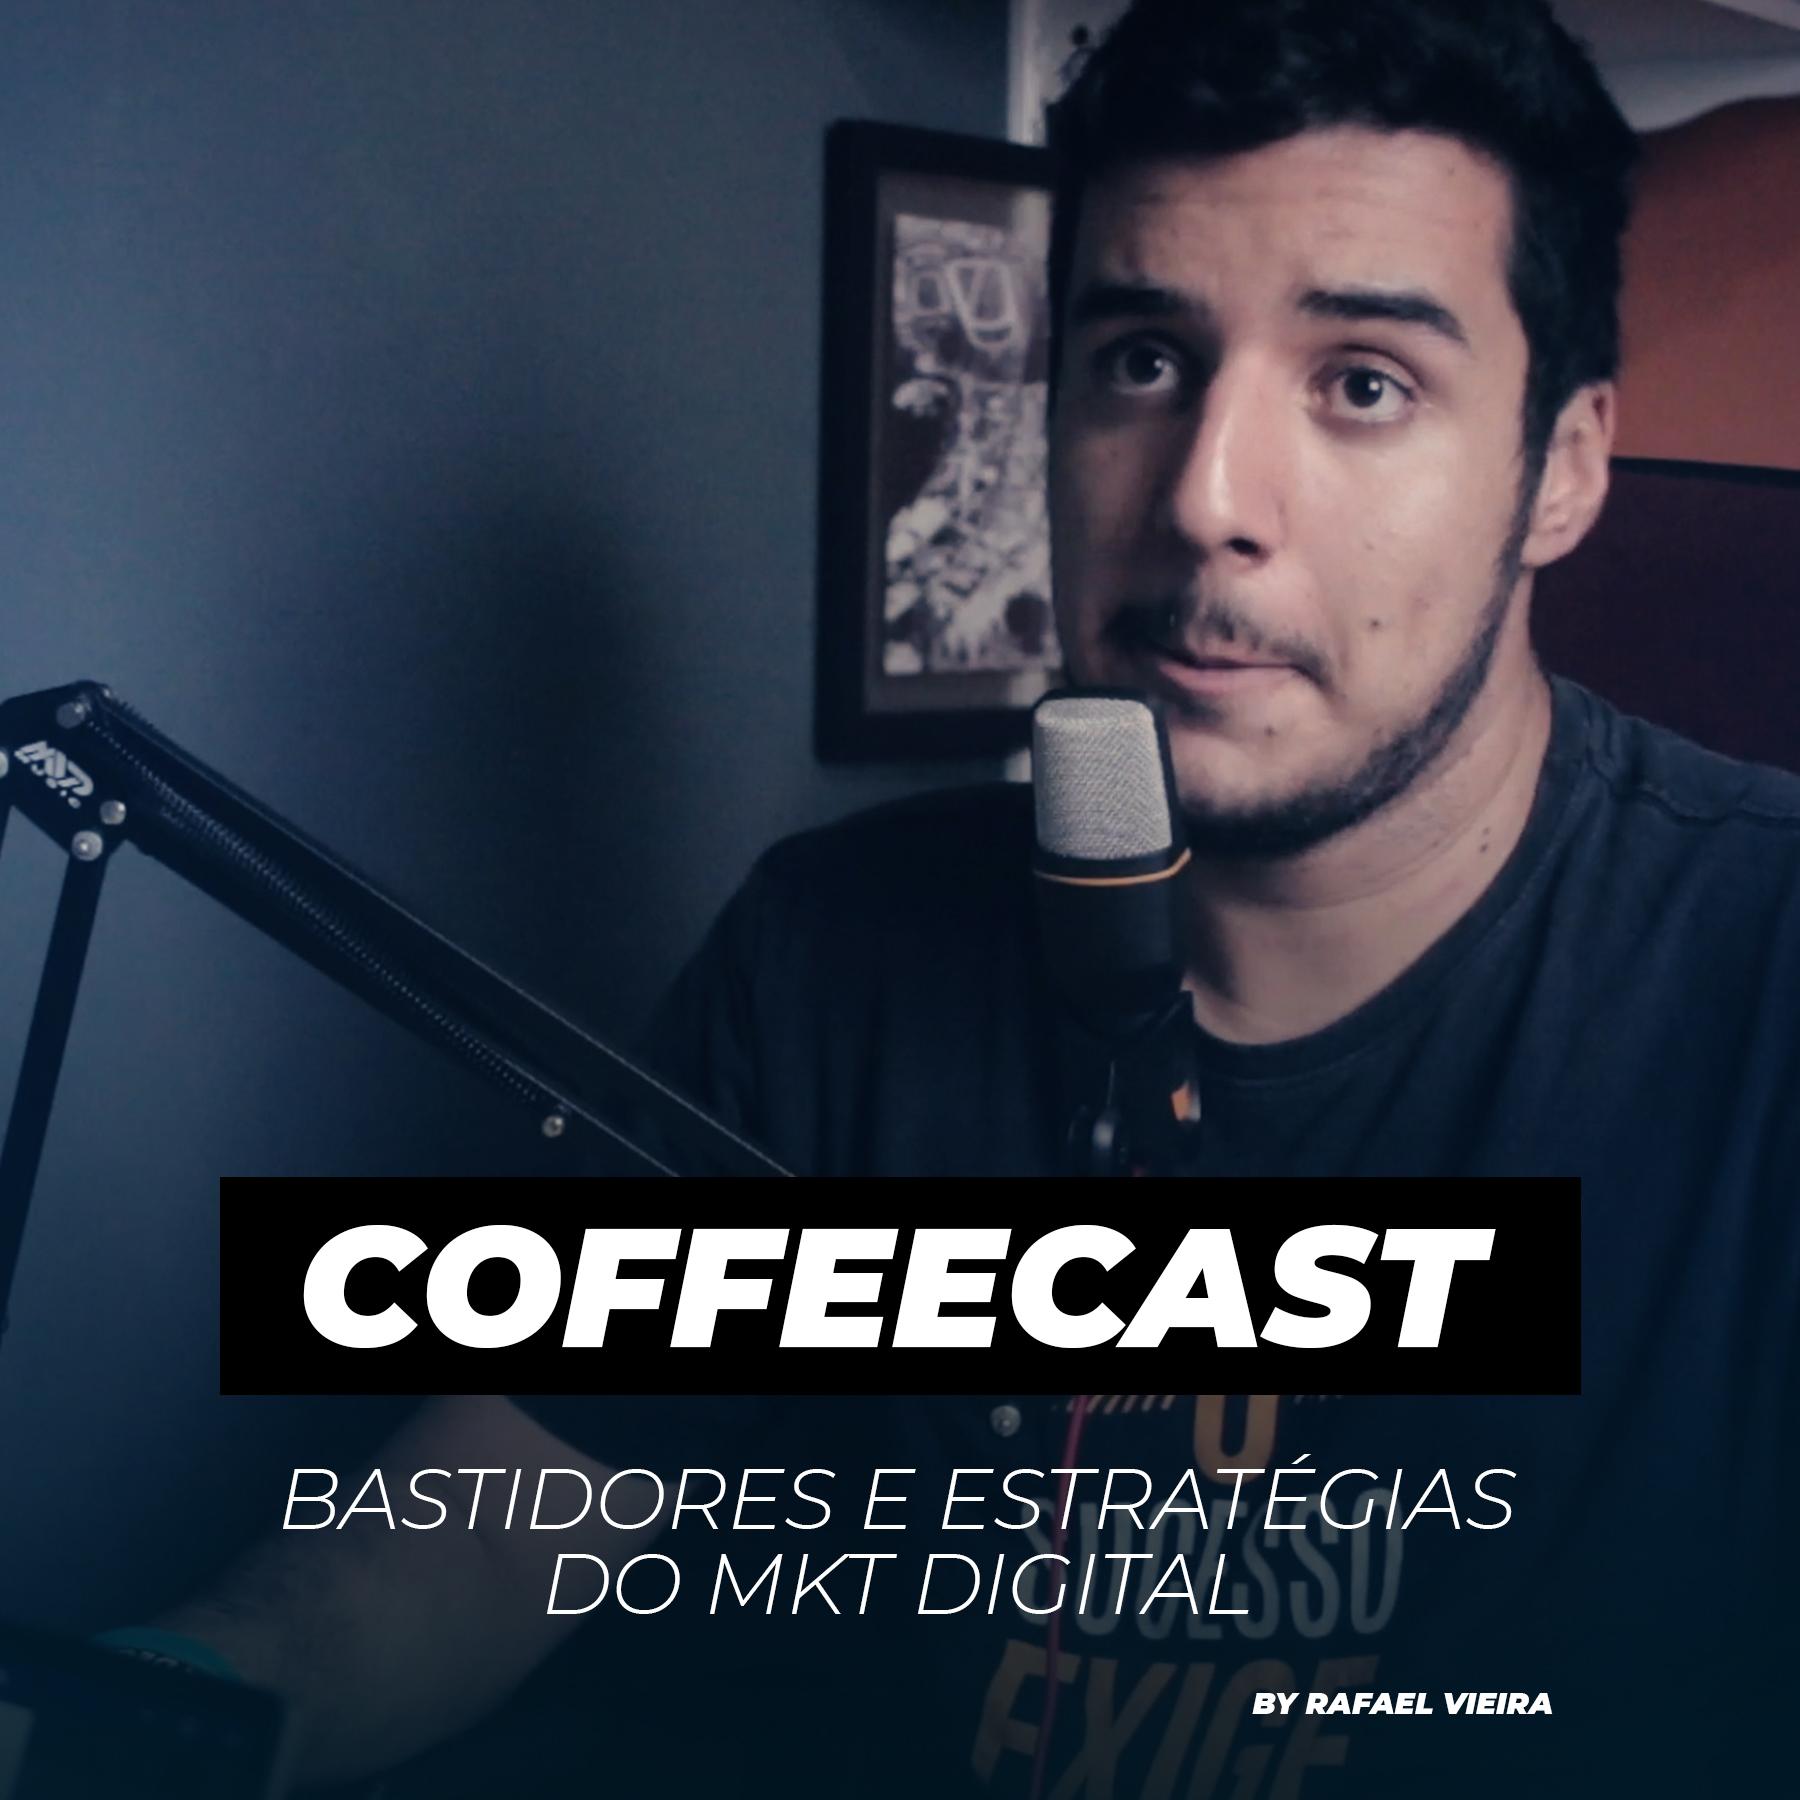 Imagem do Coffeecast by Coffee Produtora